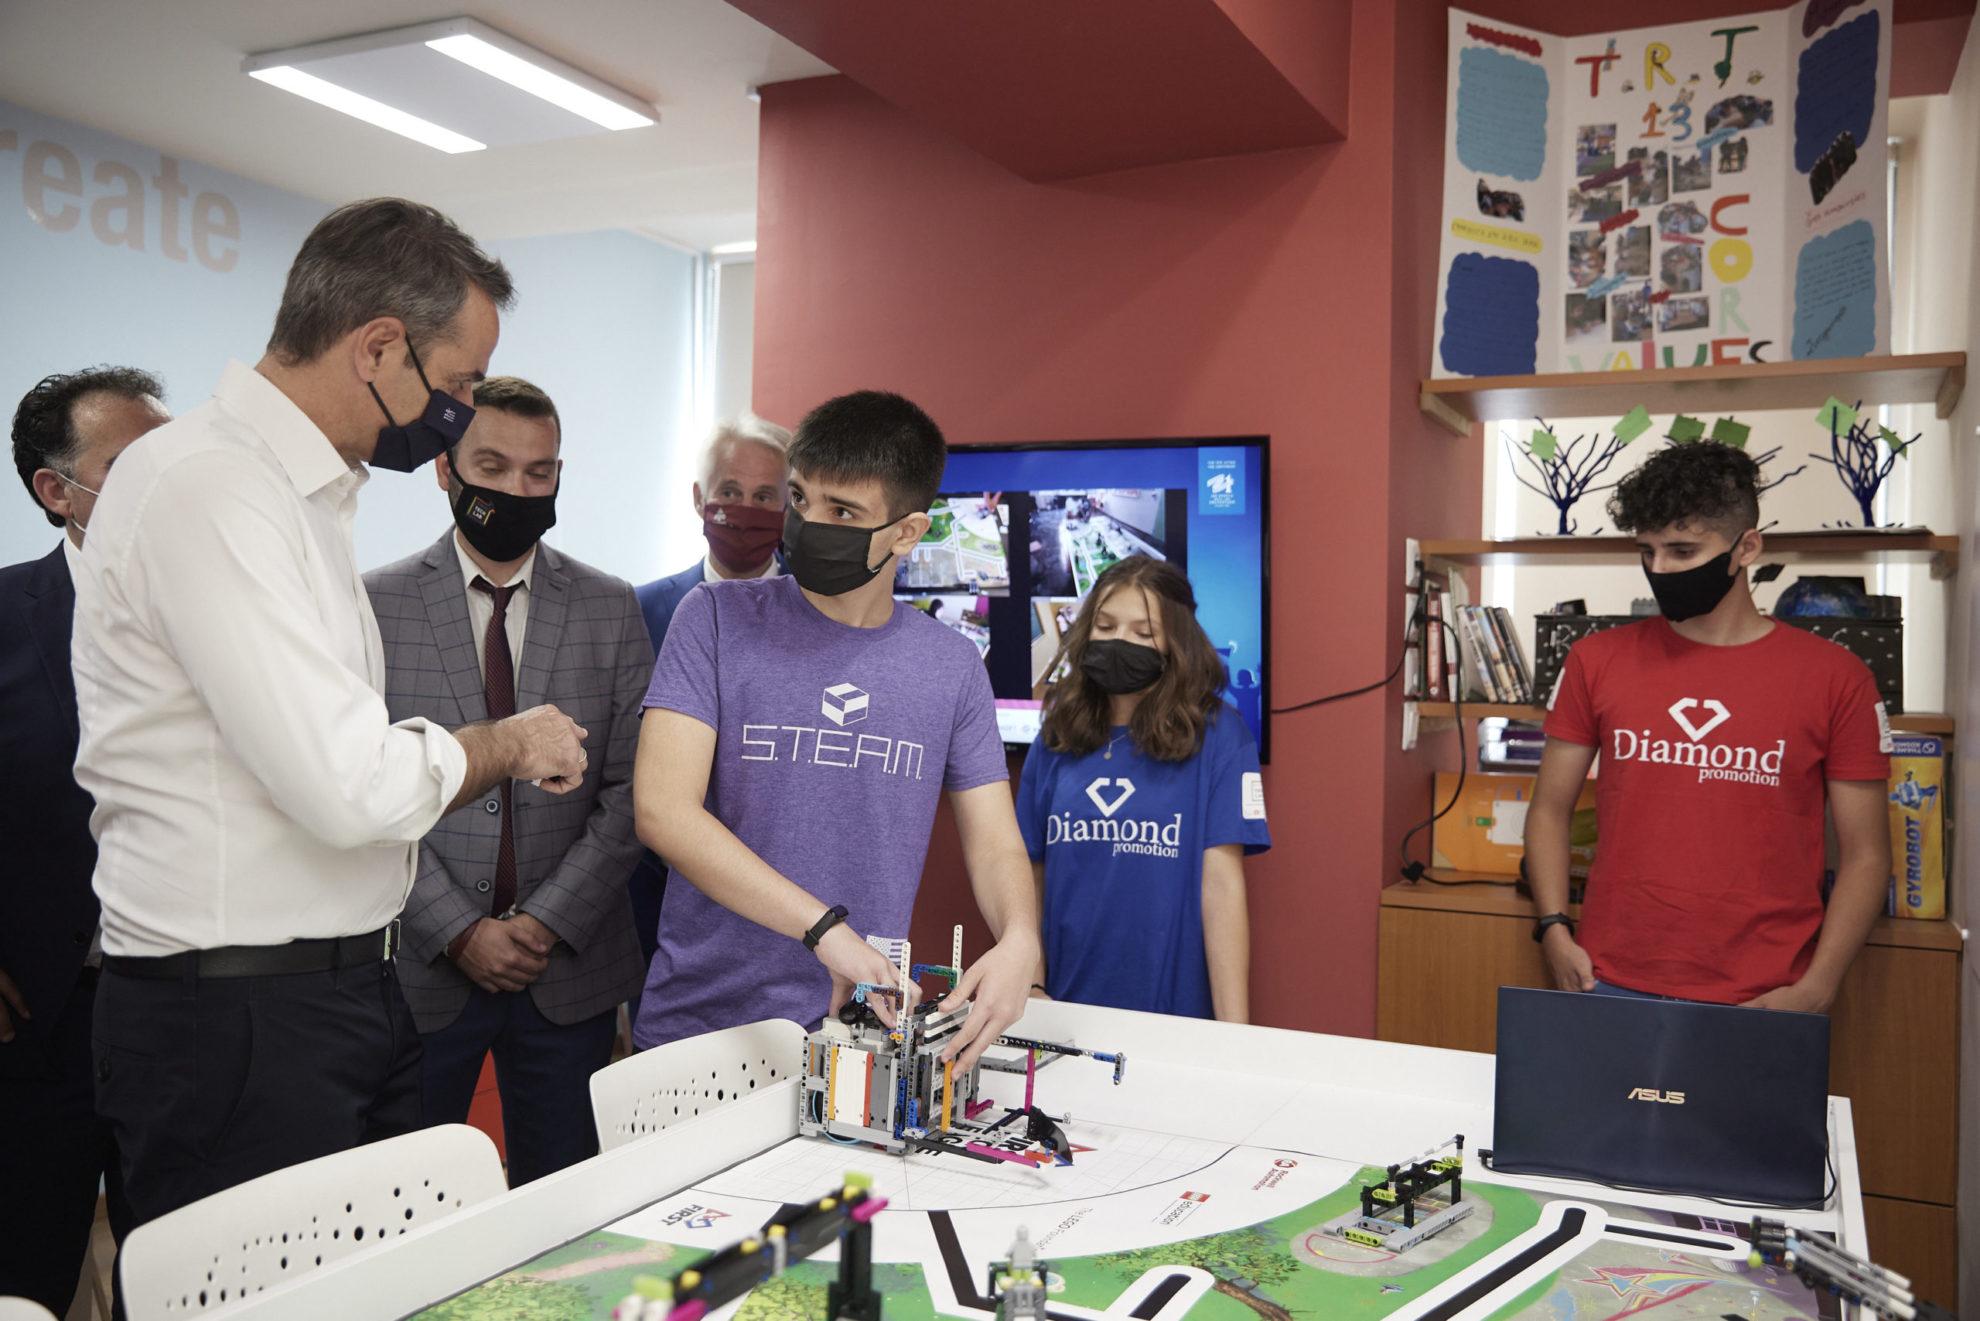 Επίσκεψη Μητσοτάκη στο Xanthi TechLab: Γίνεται σπουδαία δουλειά στην ρομποτική στη χώρα μας